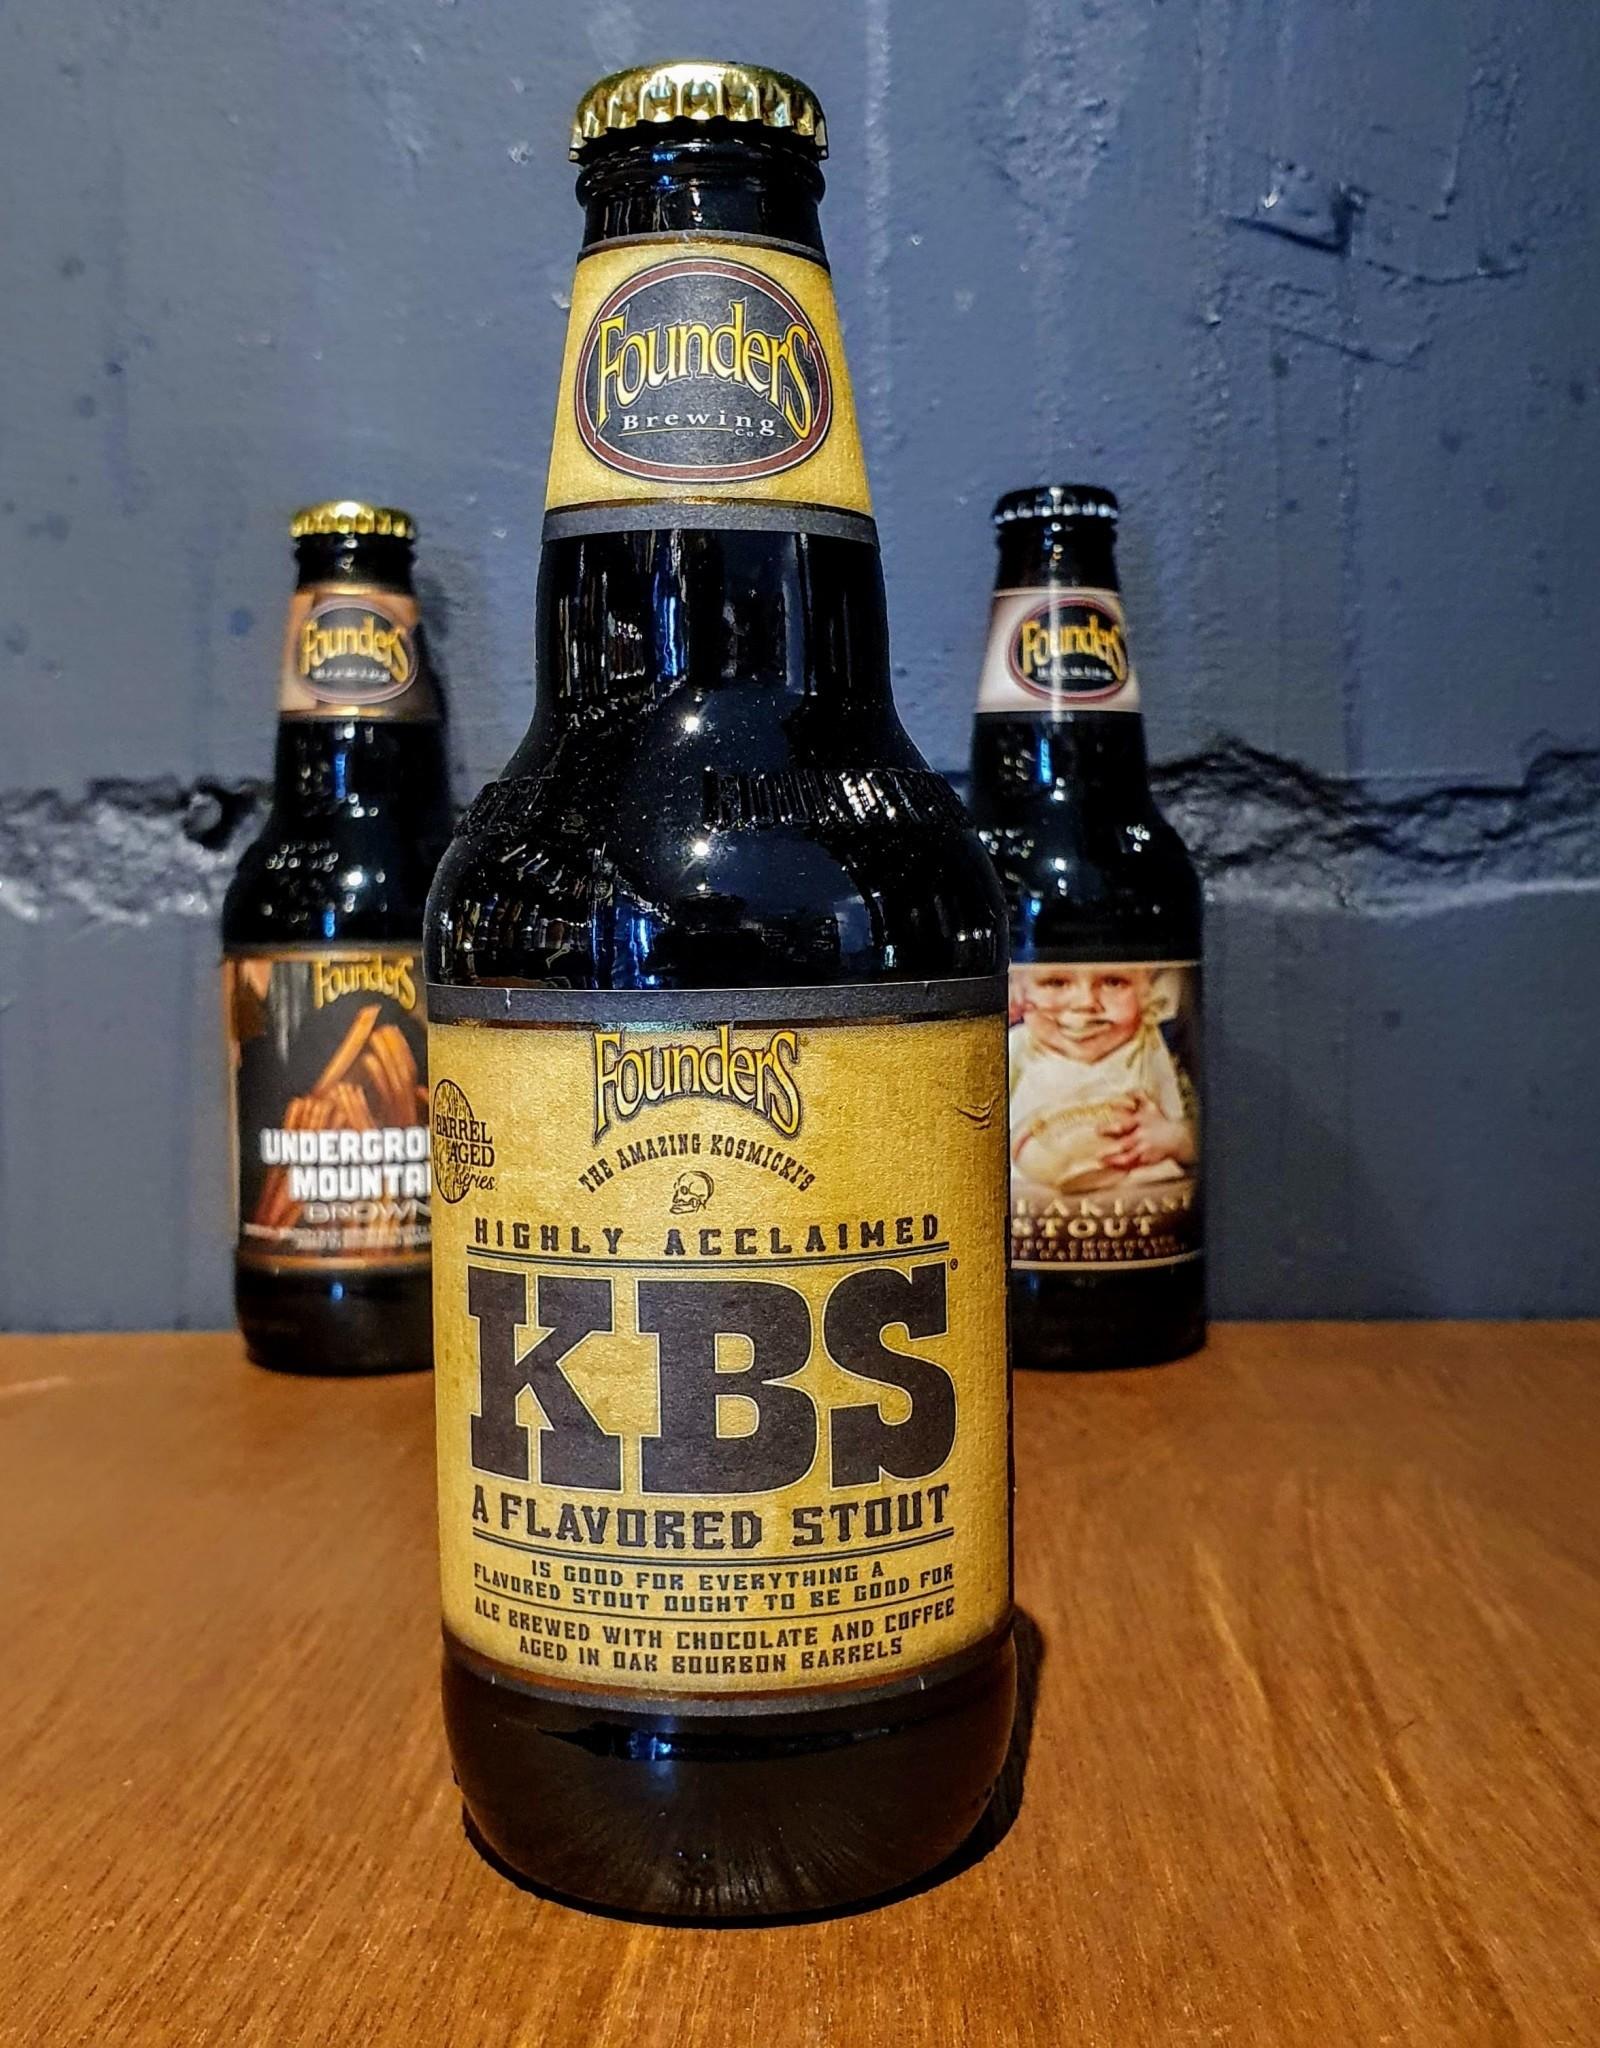 Founders: KBS